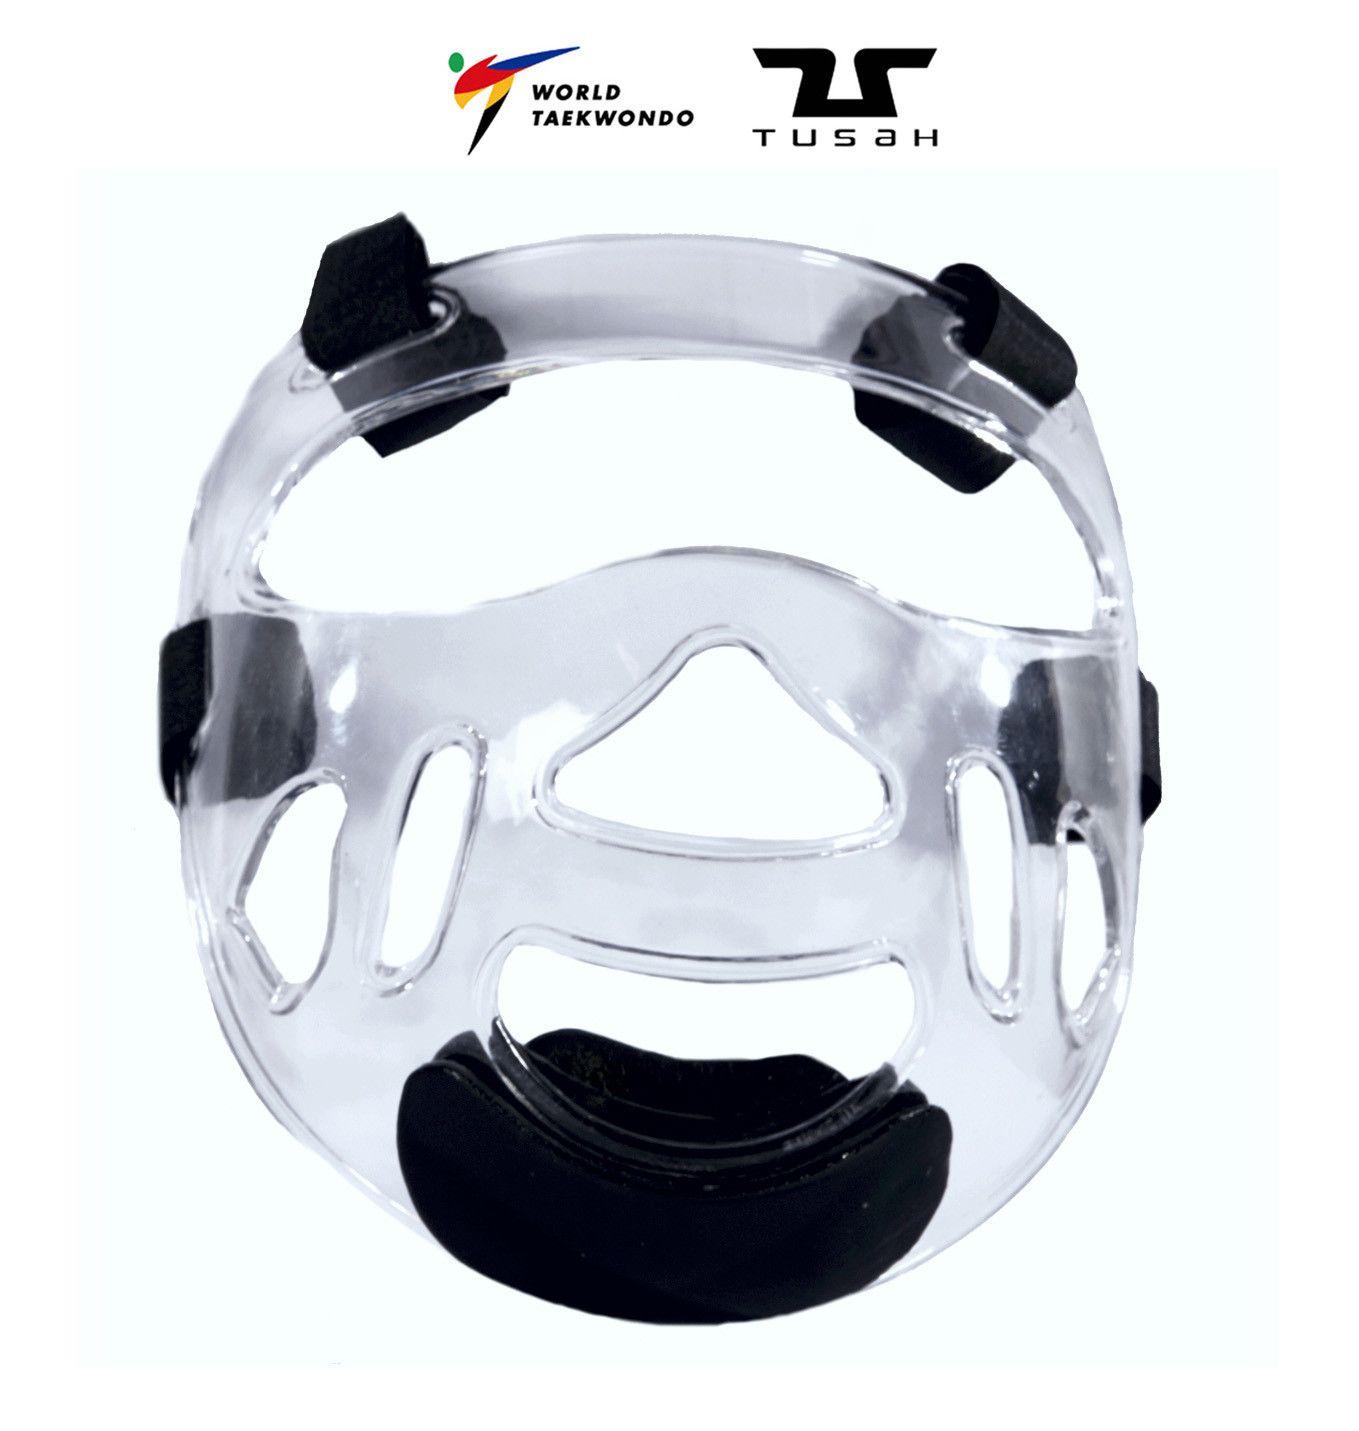 Tusah - Maschera per Caschetto Omologata WT per competizioni o allenamenti